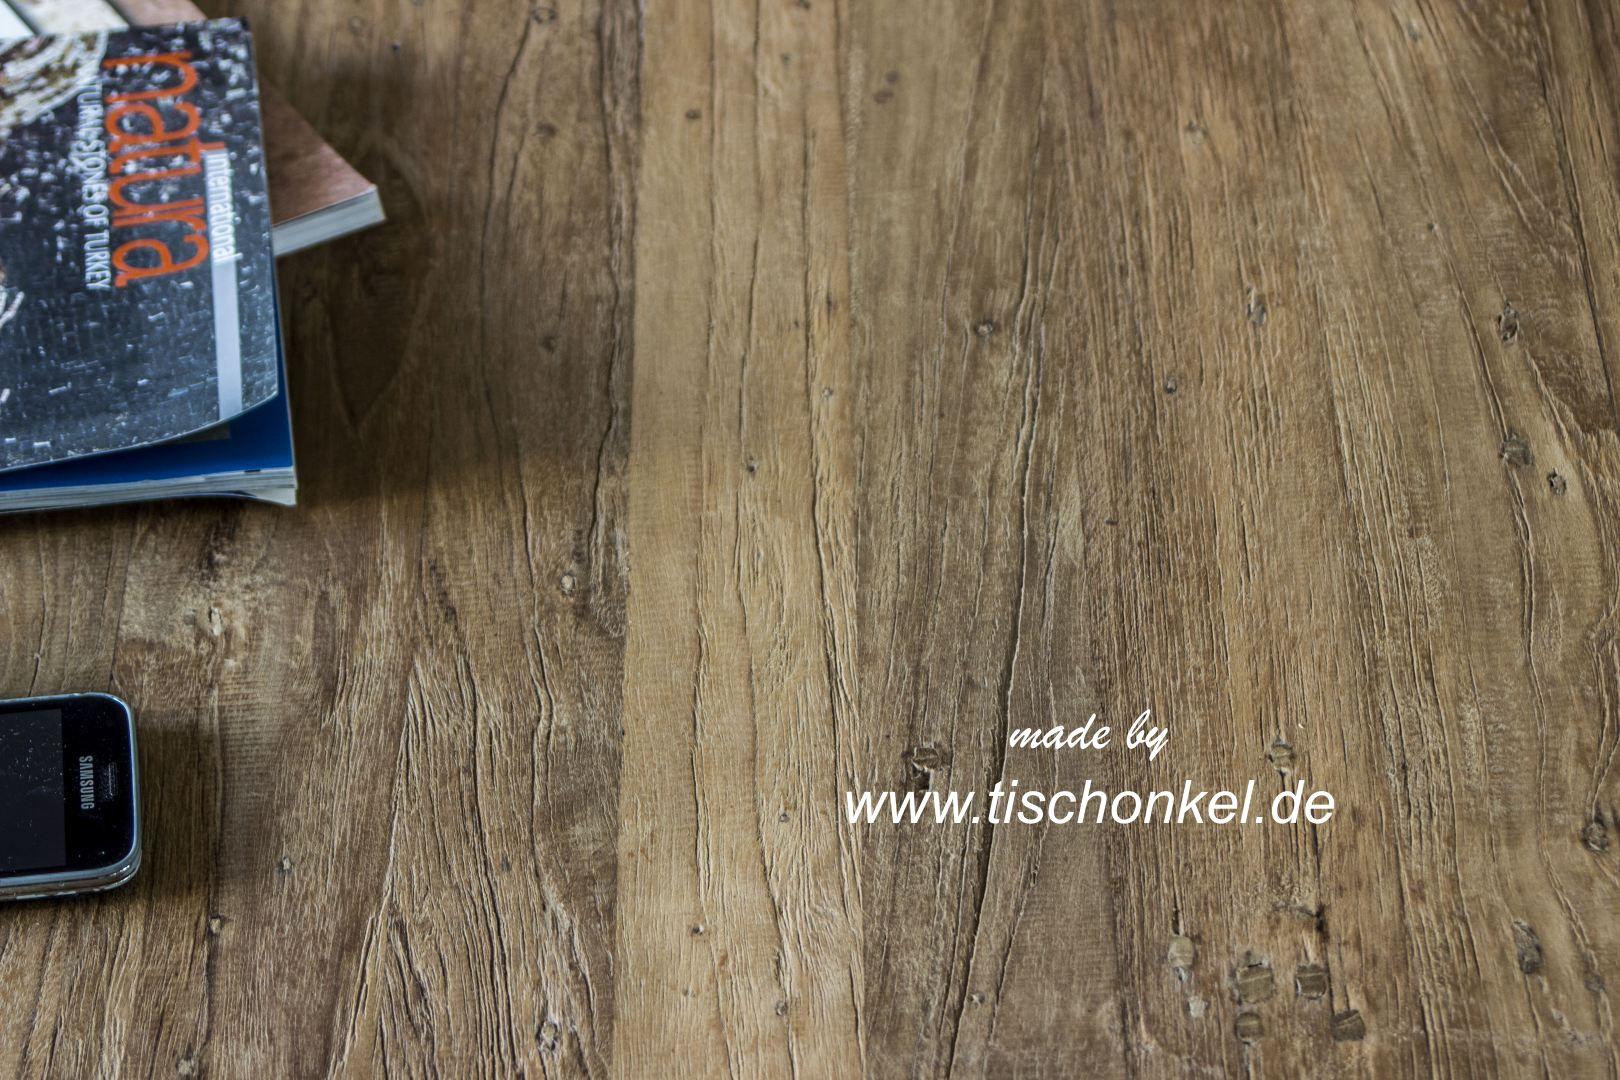 Esstisch aus recyceltem Holz mit Gestell aus Edelstahl